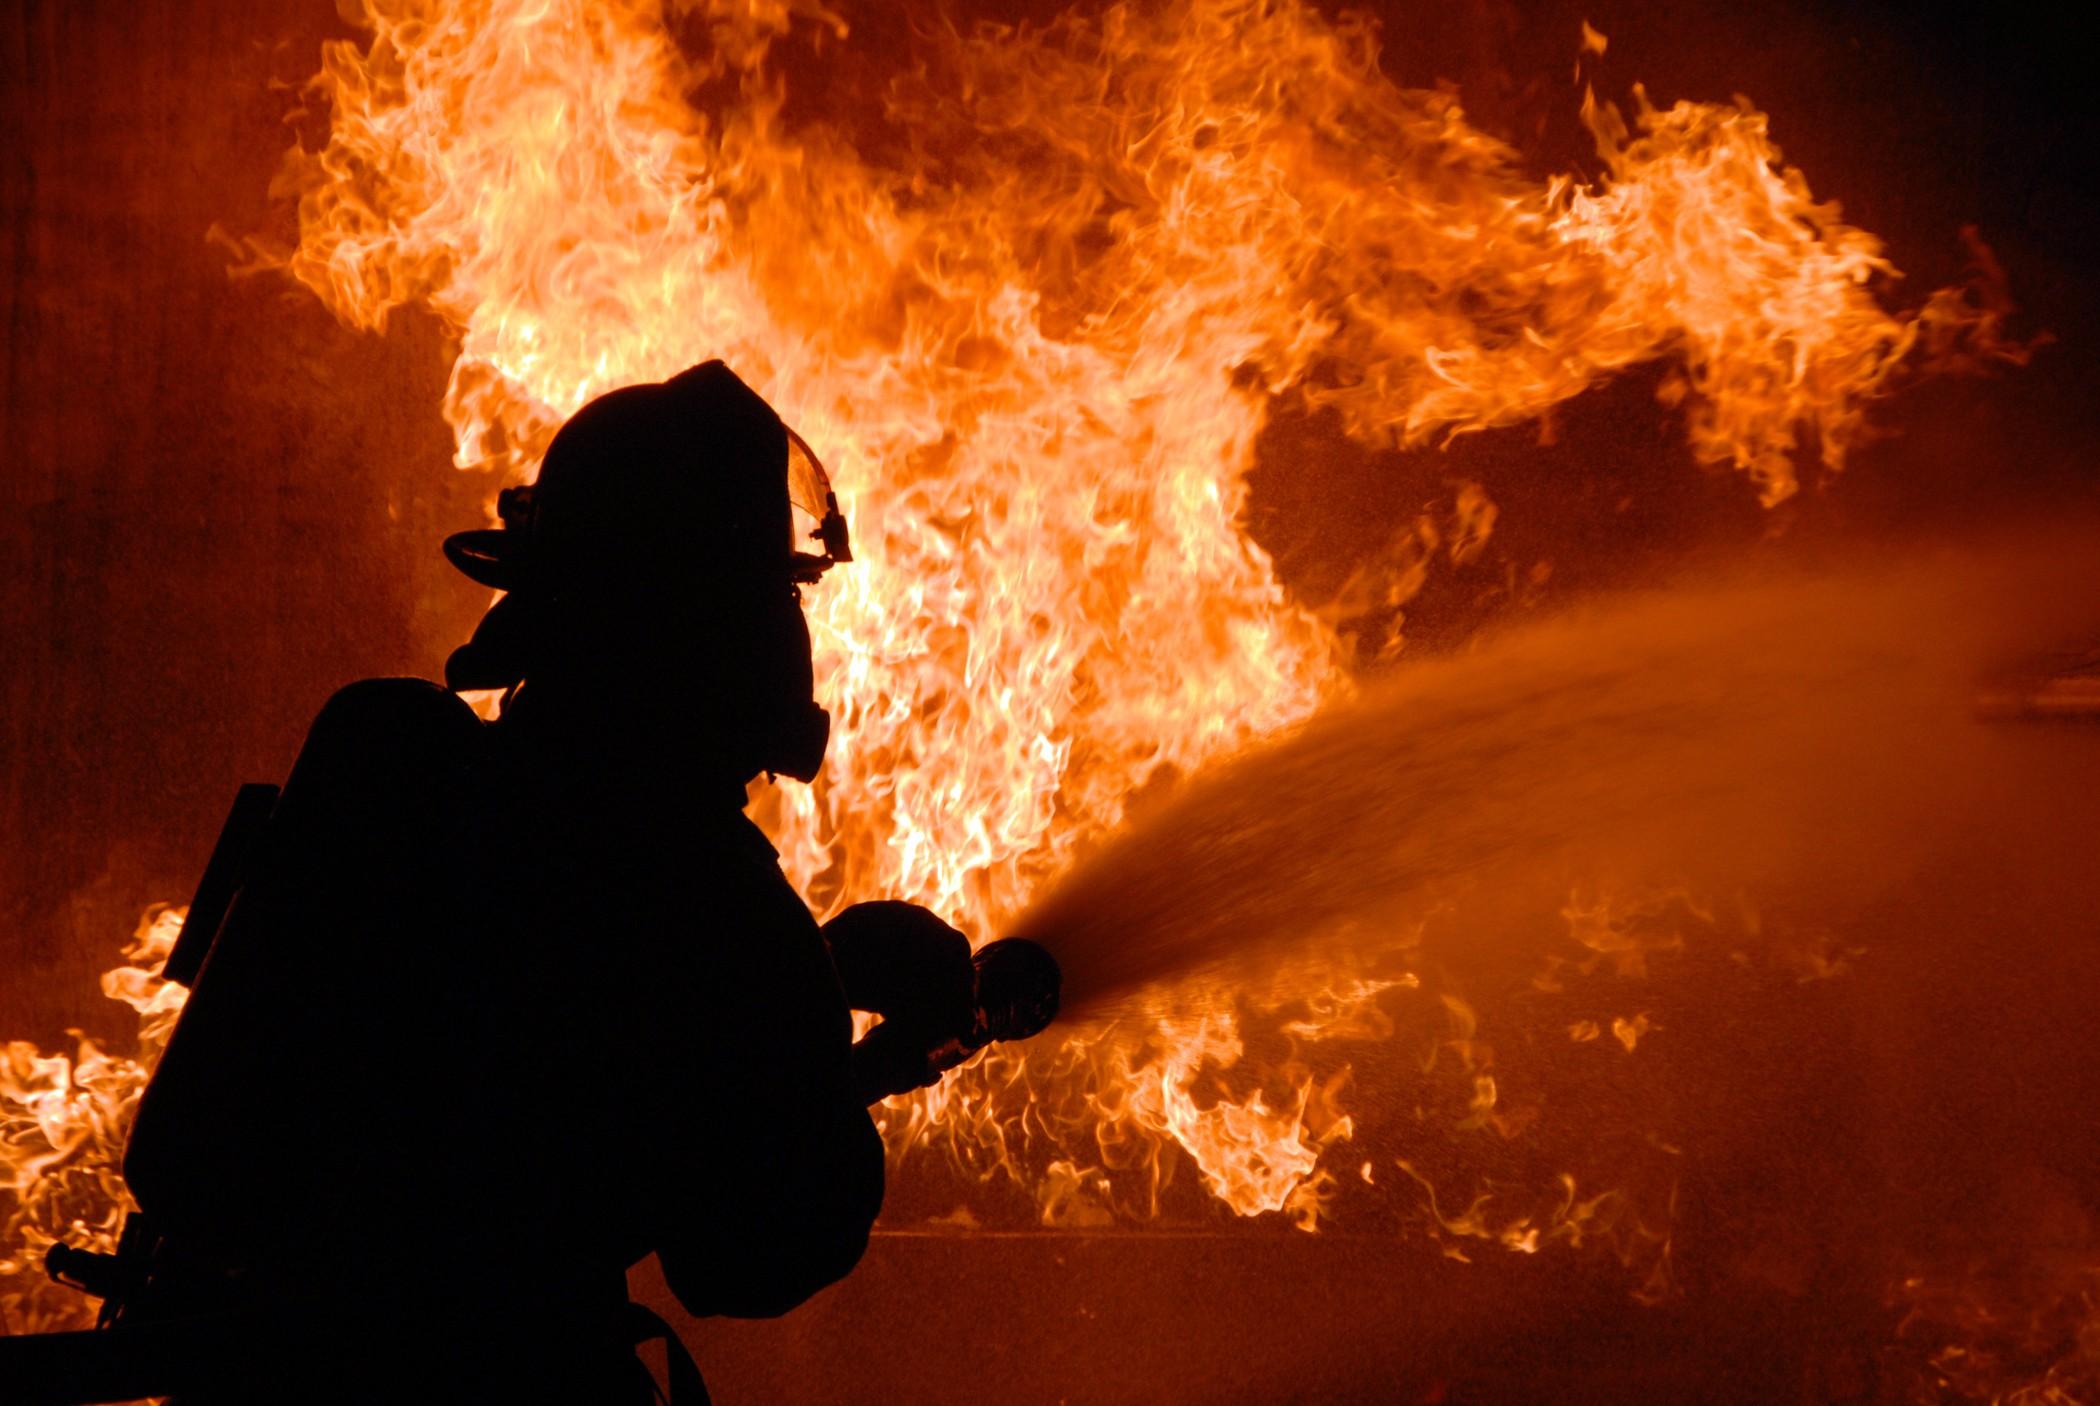 У известной украинской телеведущей дотла сгорела квартира: появились фото пожара